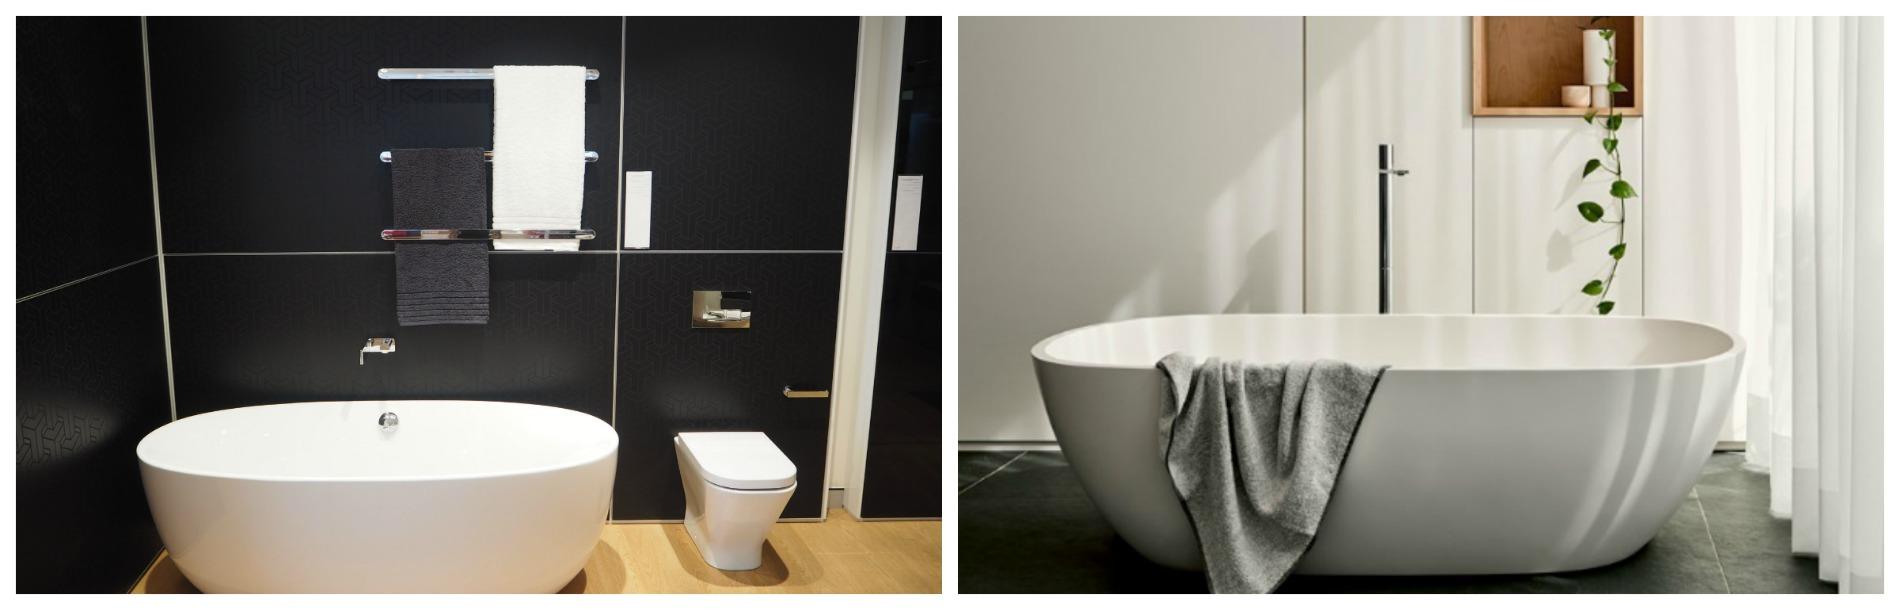 five of the best plumbing showrooms brisbane